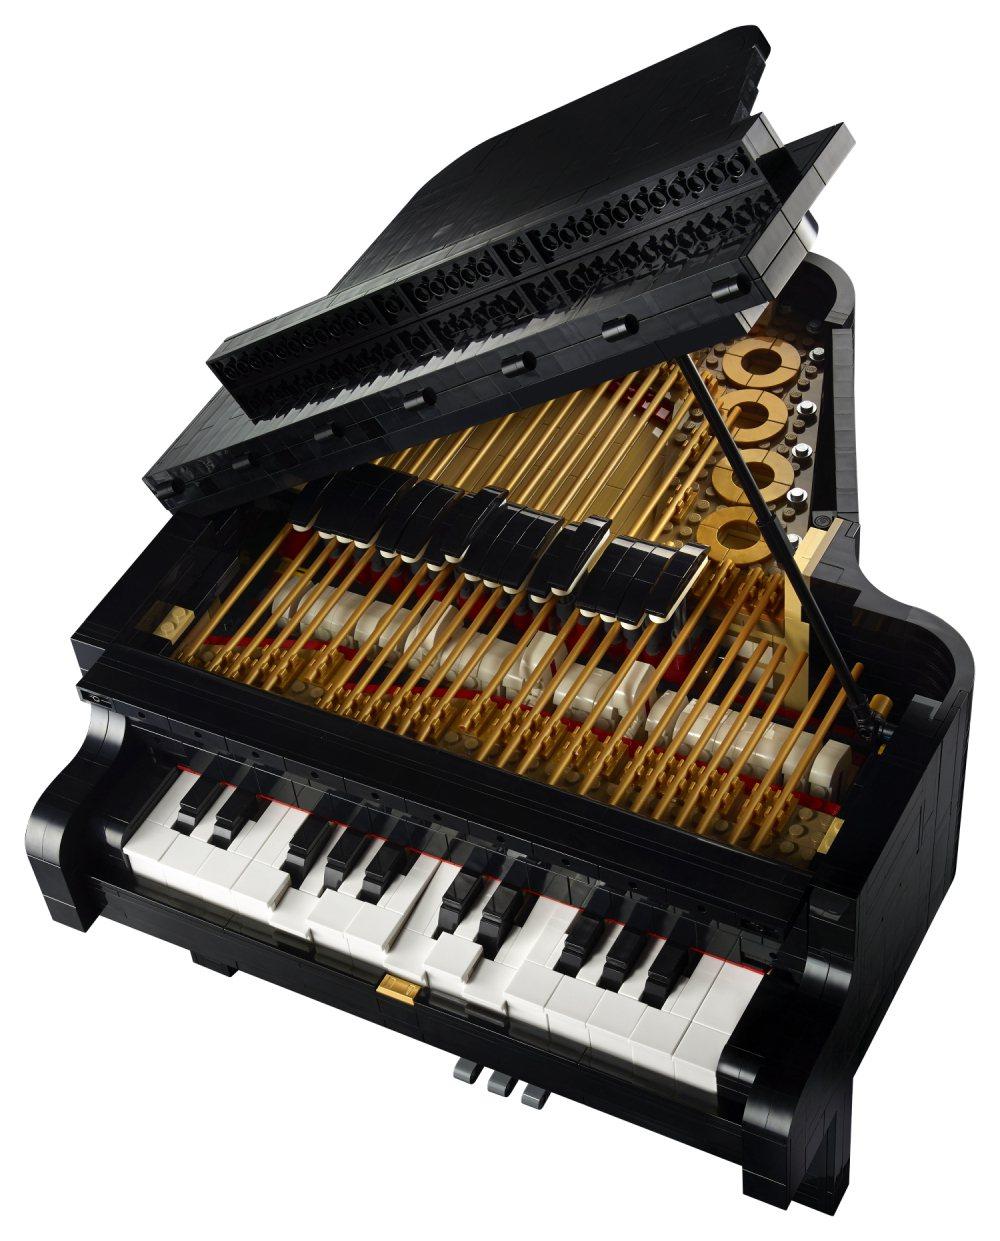 樂高「演奏鋼琴」盒組由素人樂高迷投稿設計,精緻呈現鋼琴細節。 LEGO /提供